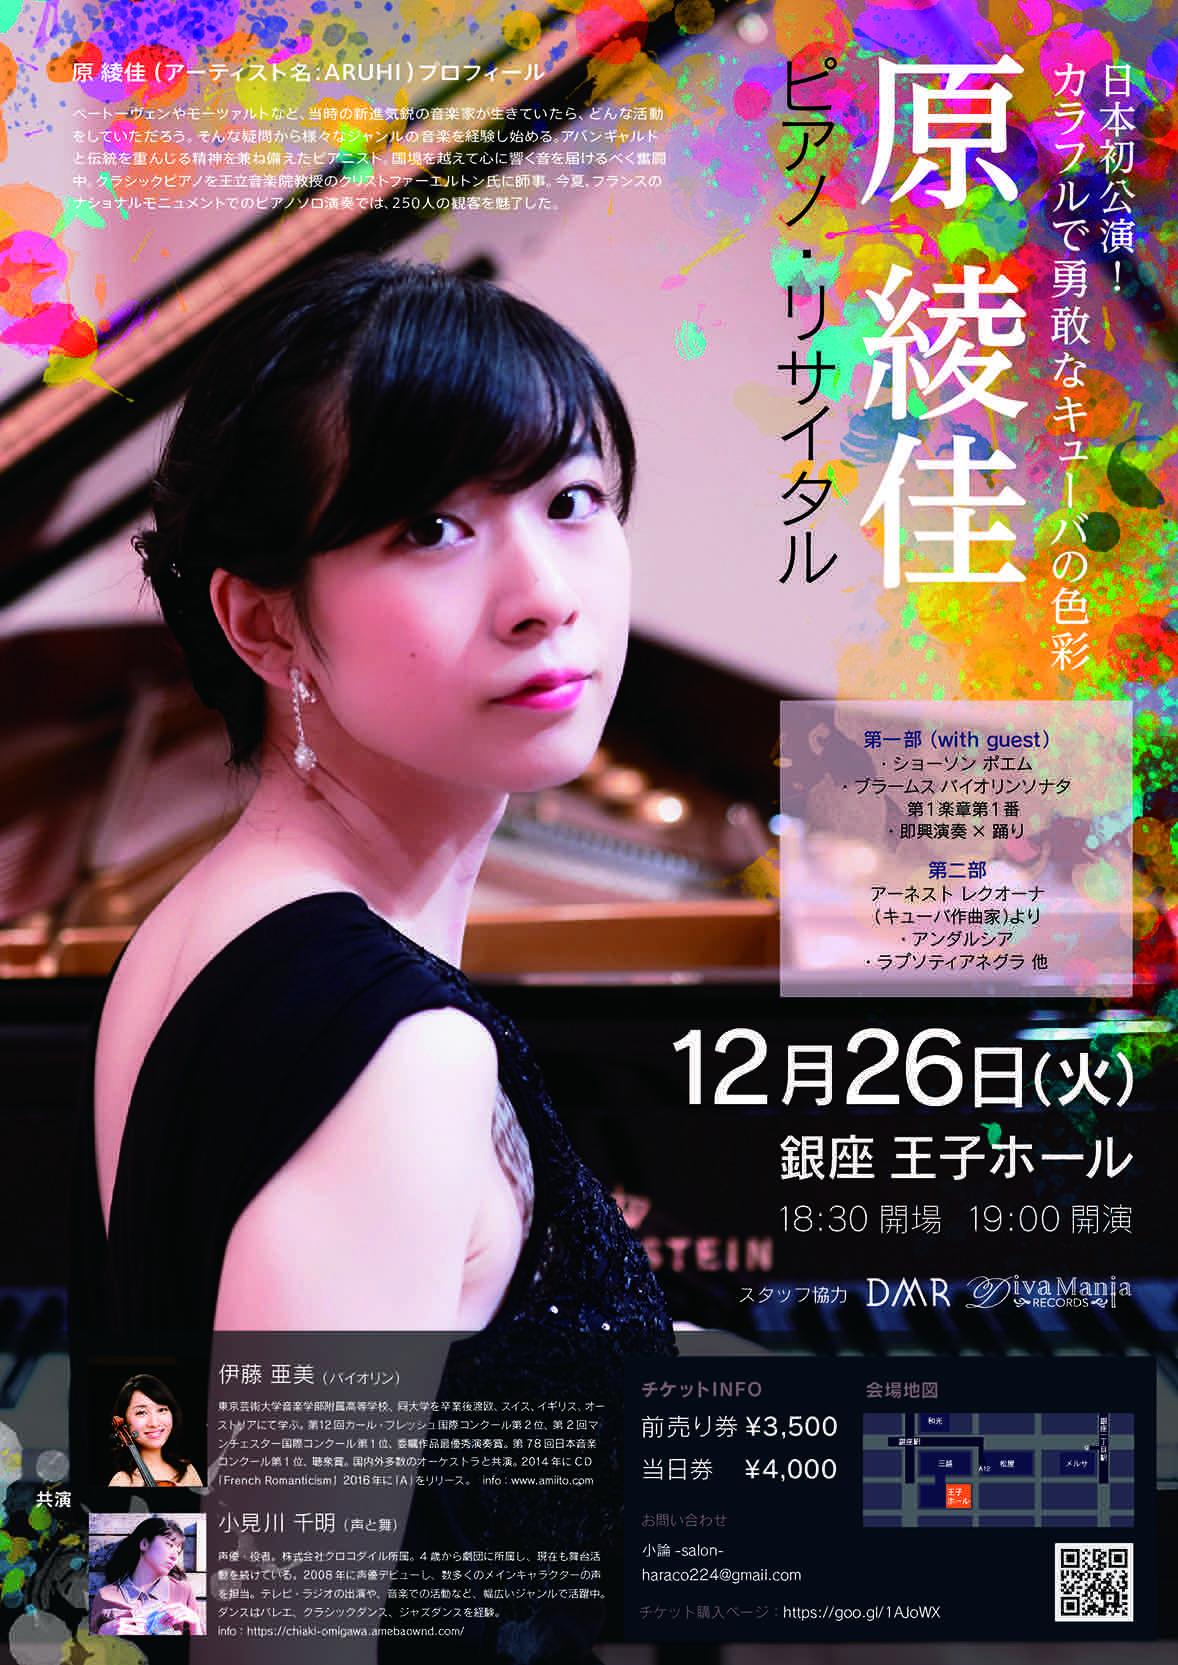 原綾佳 (ARUHI) ピアノソロリサイタル